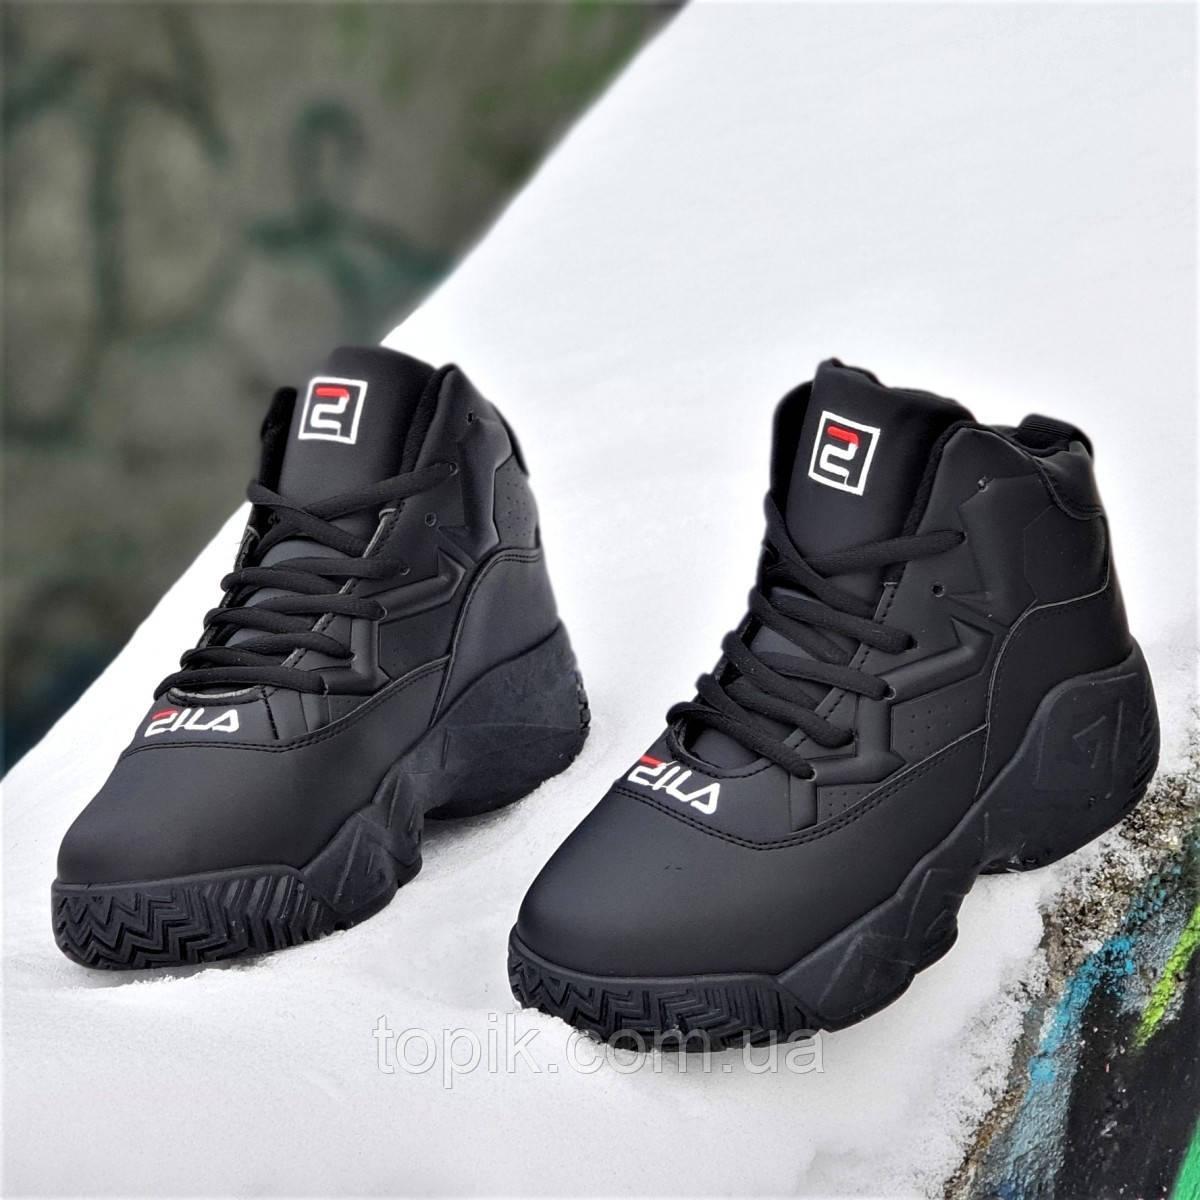 Улетные зимние кроссовки на платформе в стиле FILA черные на высокой толстой подошве унисекс (Код: 1318а)